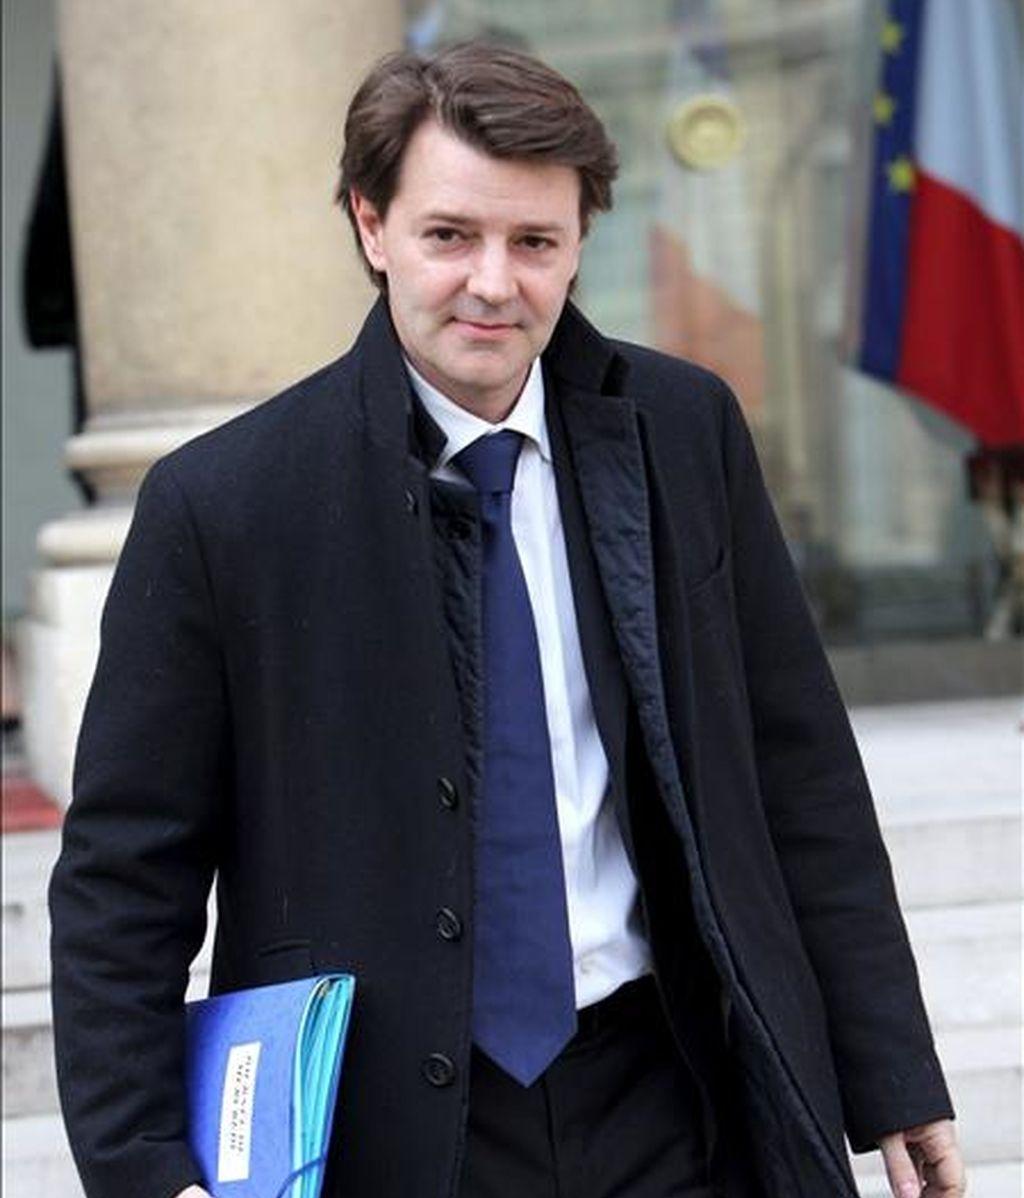 El ministro francés de Presupuestos, Francois Baroin. EFE/Archivo